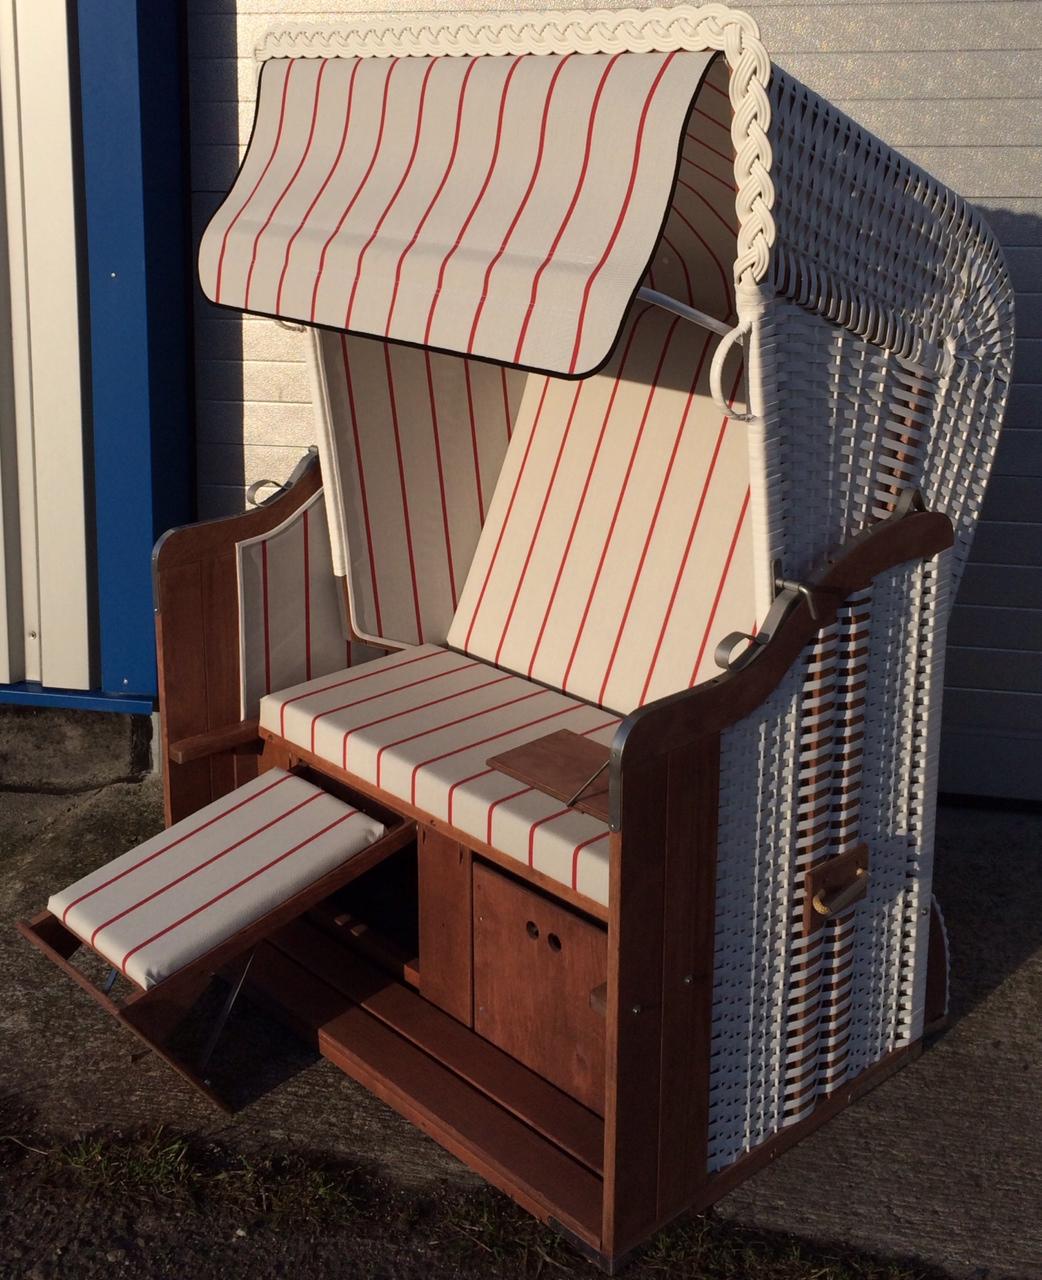 k nigsstuhl wei sonderedition markise grau rot ostsee. Black Bedroom Furniture Sets. Home Design Ideas